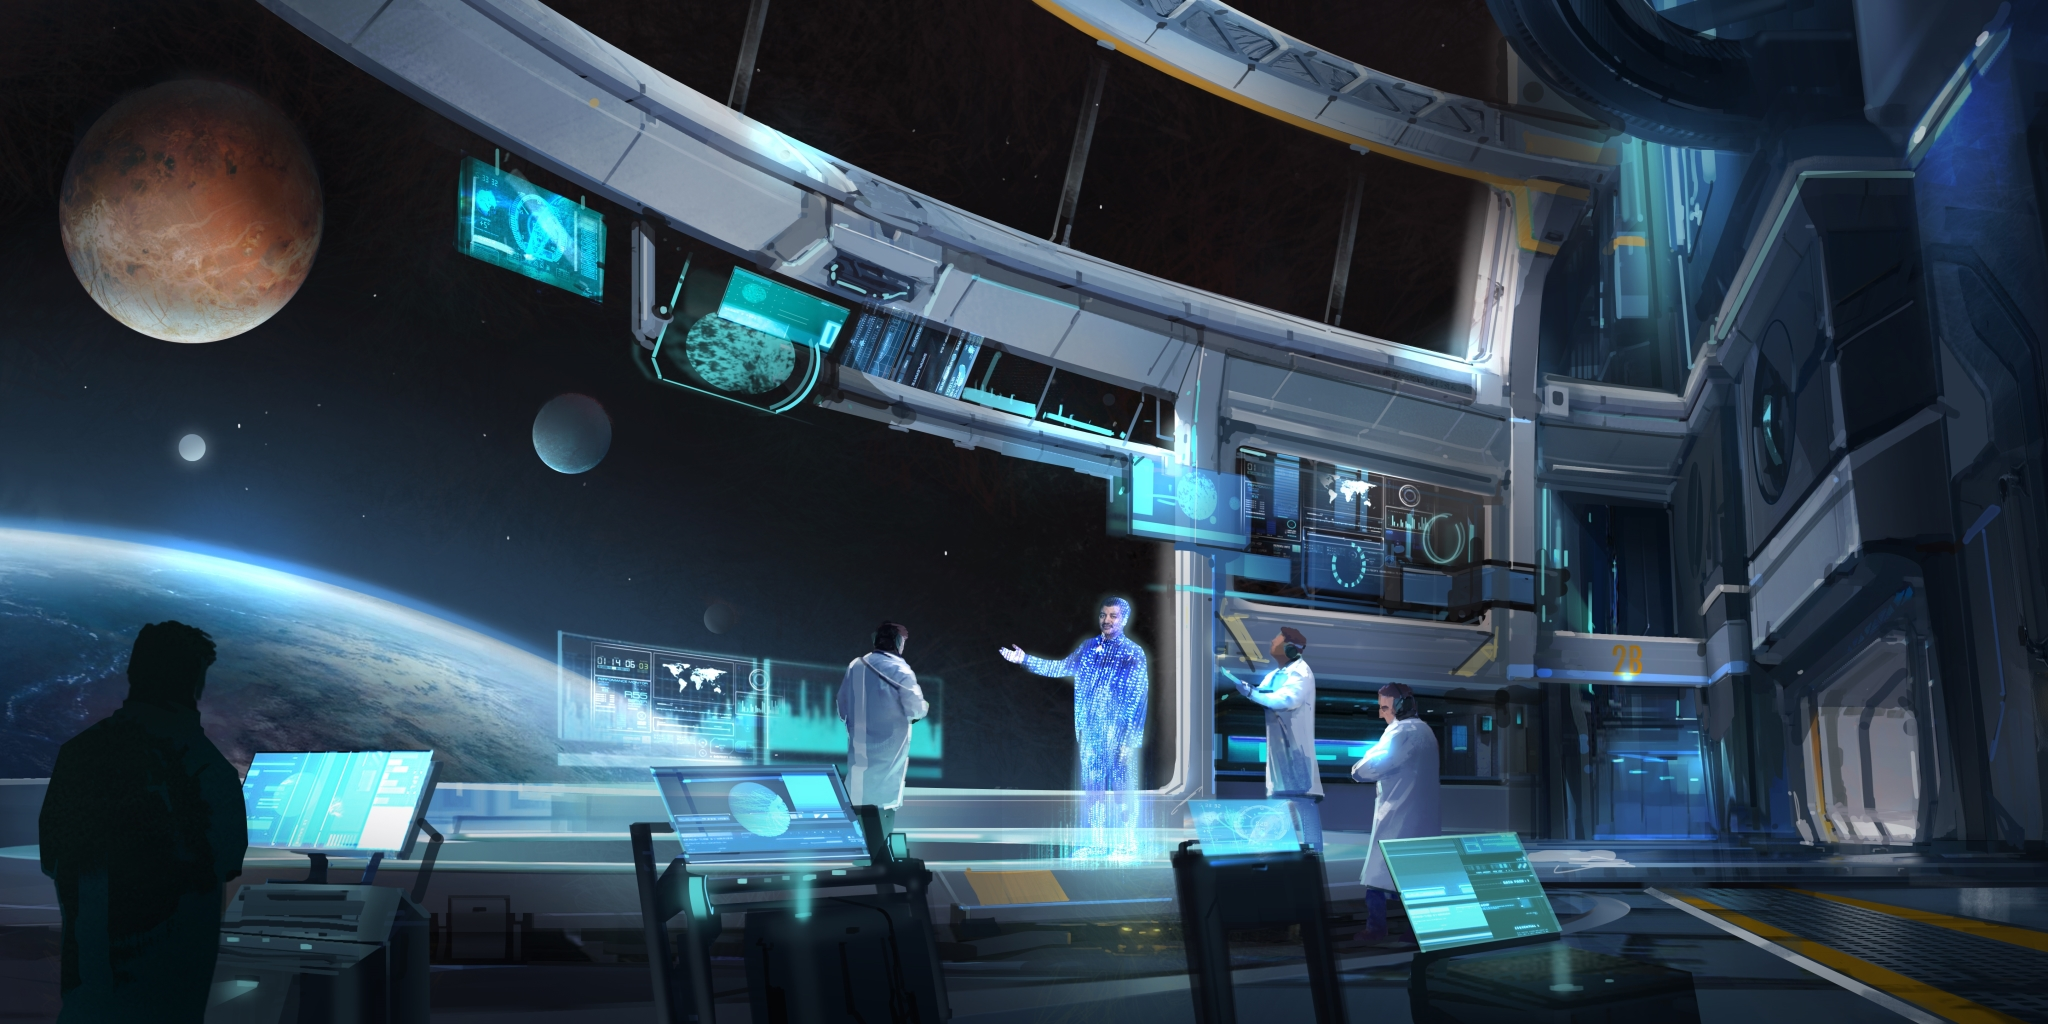 неММО: Космическая одиссея профессора Тайсона